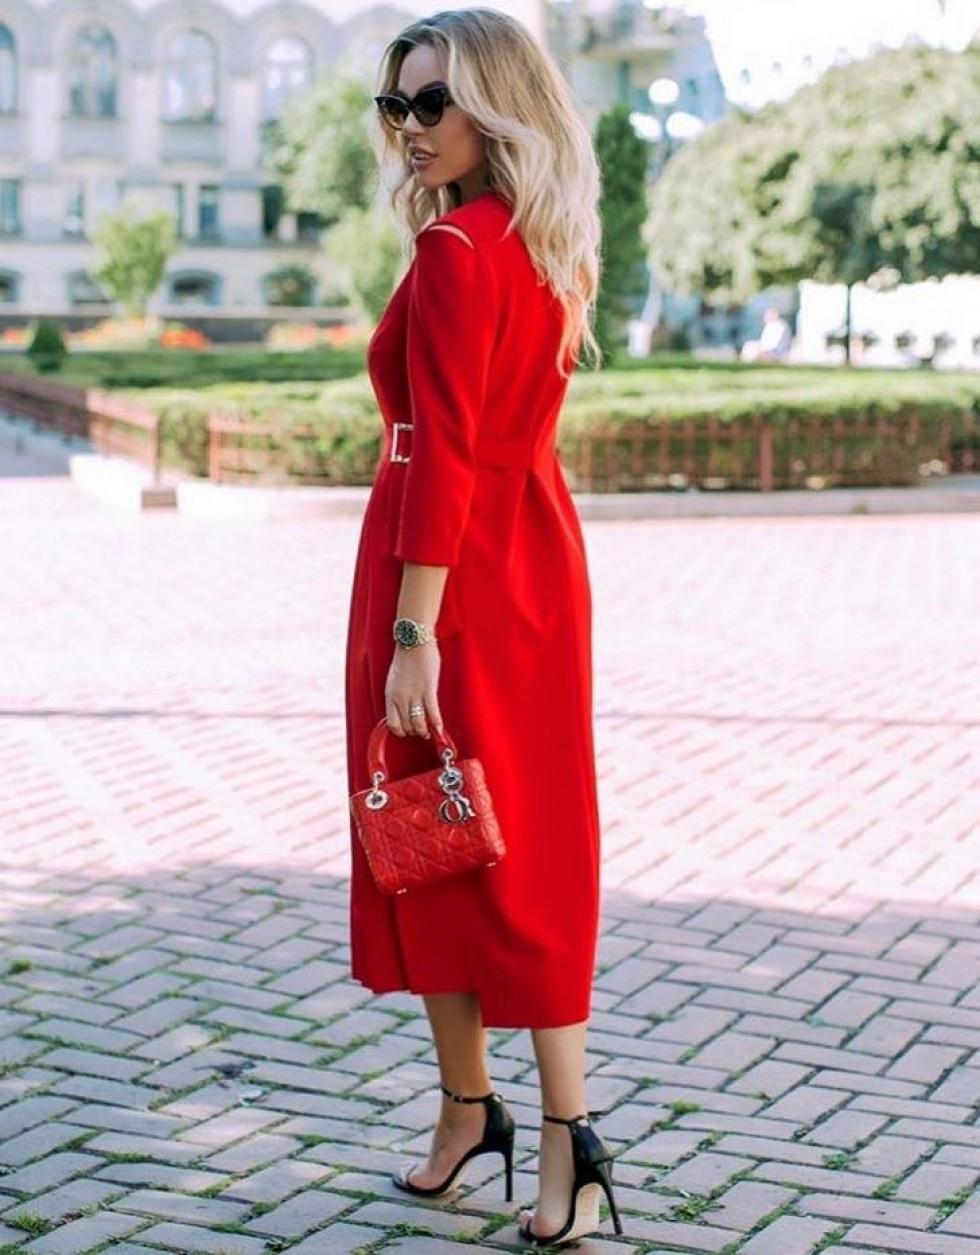 Монохромна червона колекція